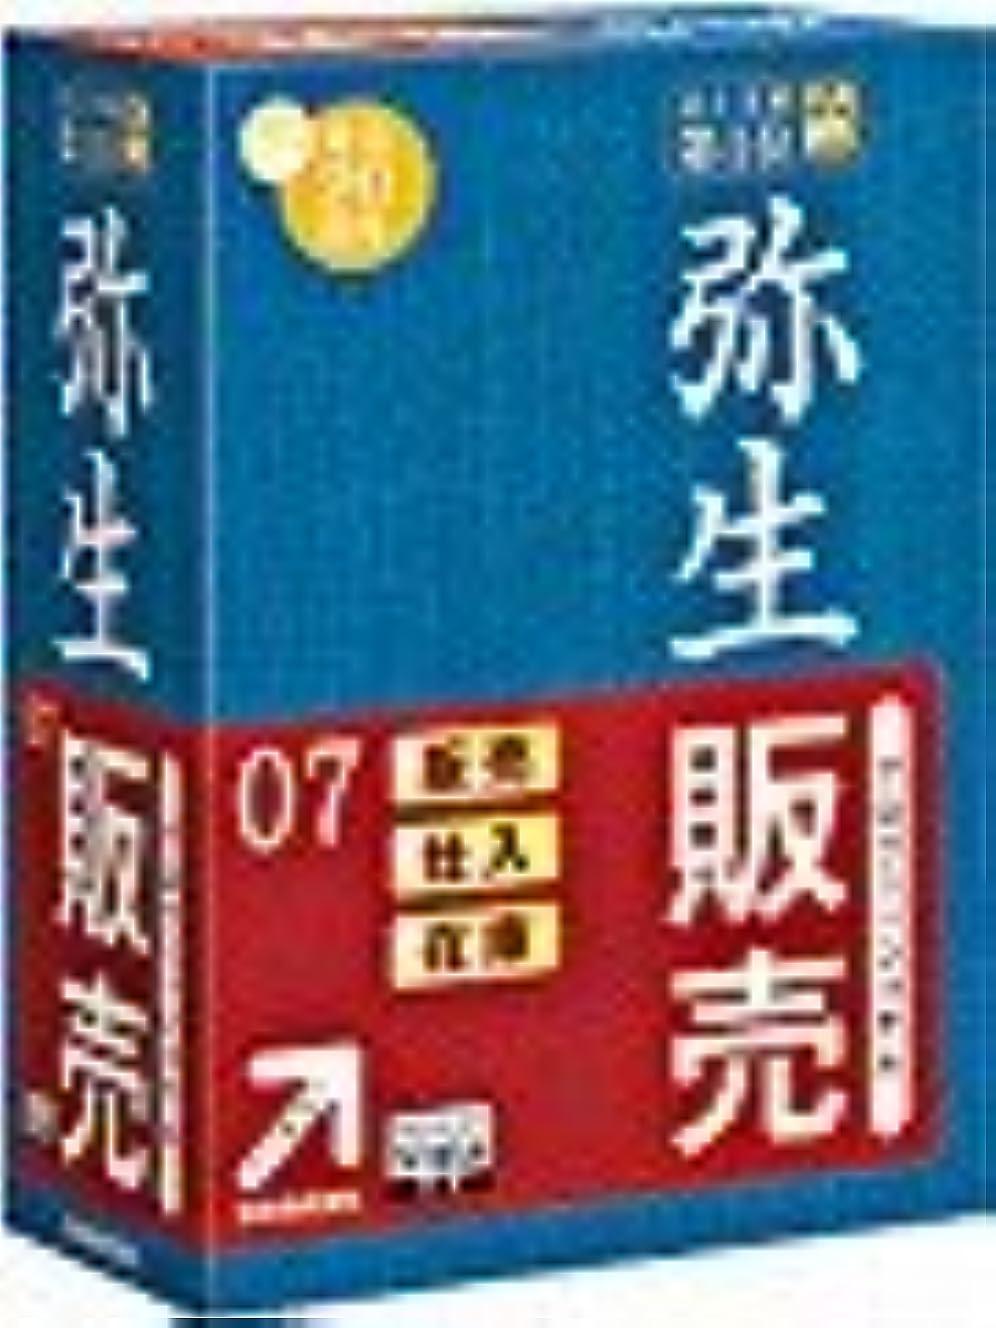 改修本物のキャンパス【旧商品】弥生販売 07 プロフェッショナル + 弥生会計 07 プロフェッショナル バリューパック